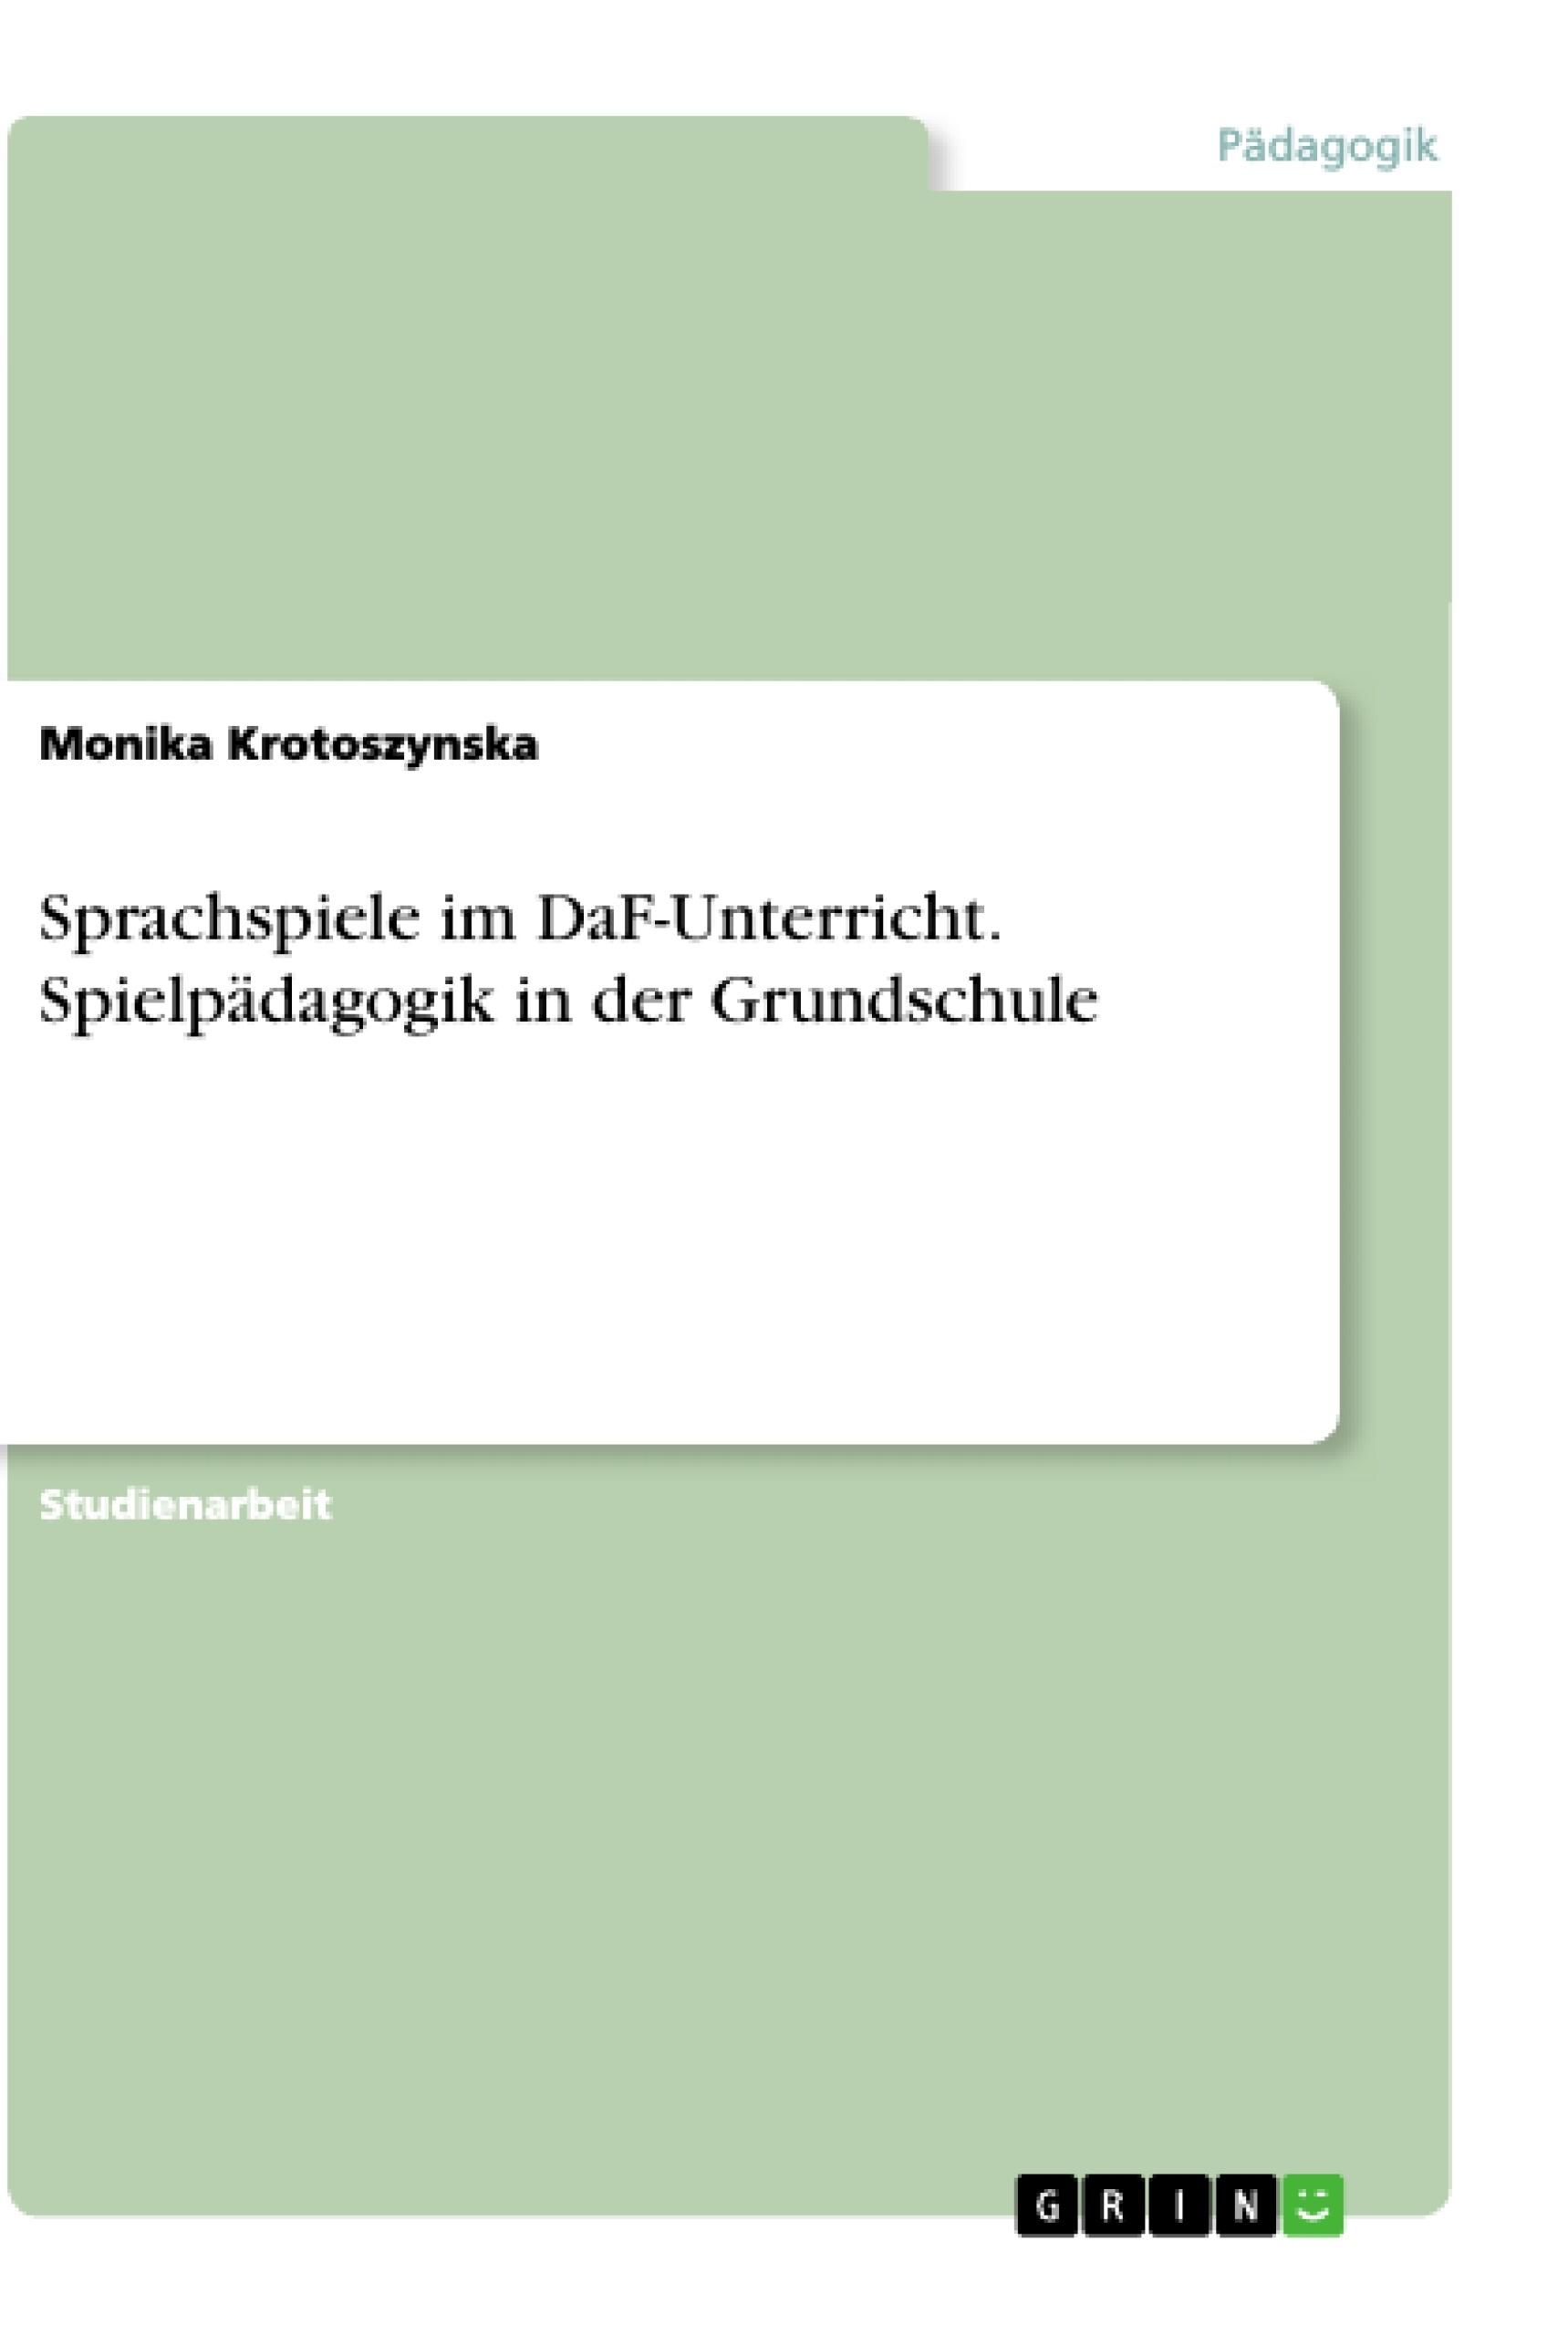 Titel: Sprachspiele im DaF-Unterricht. Spielpädagogik in der Grundschule